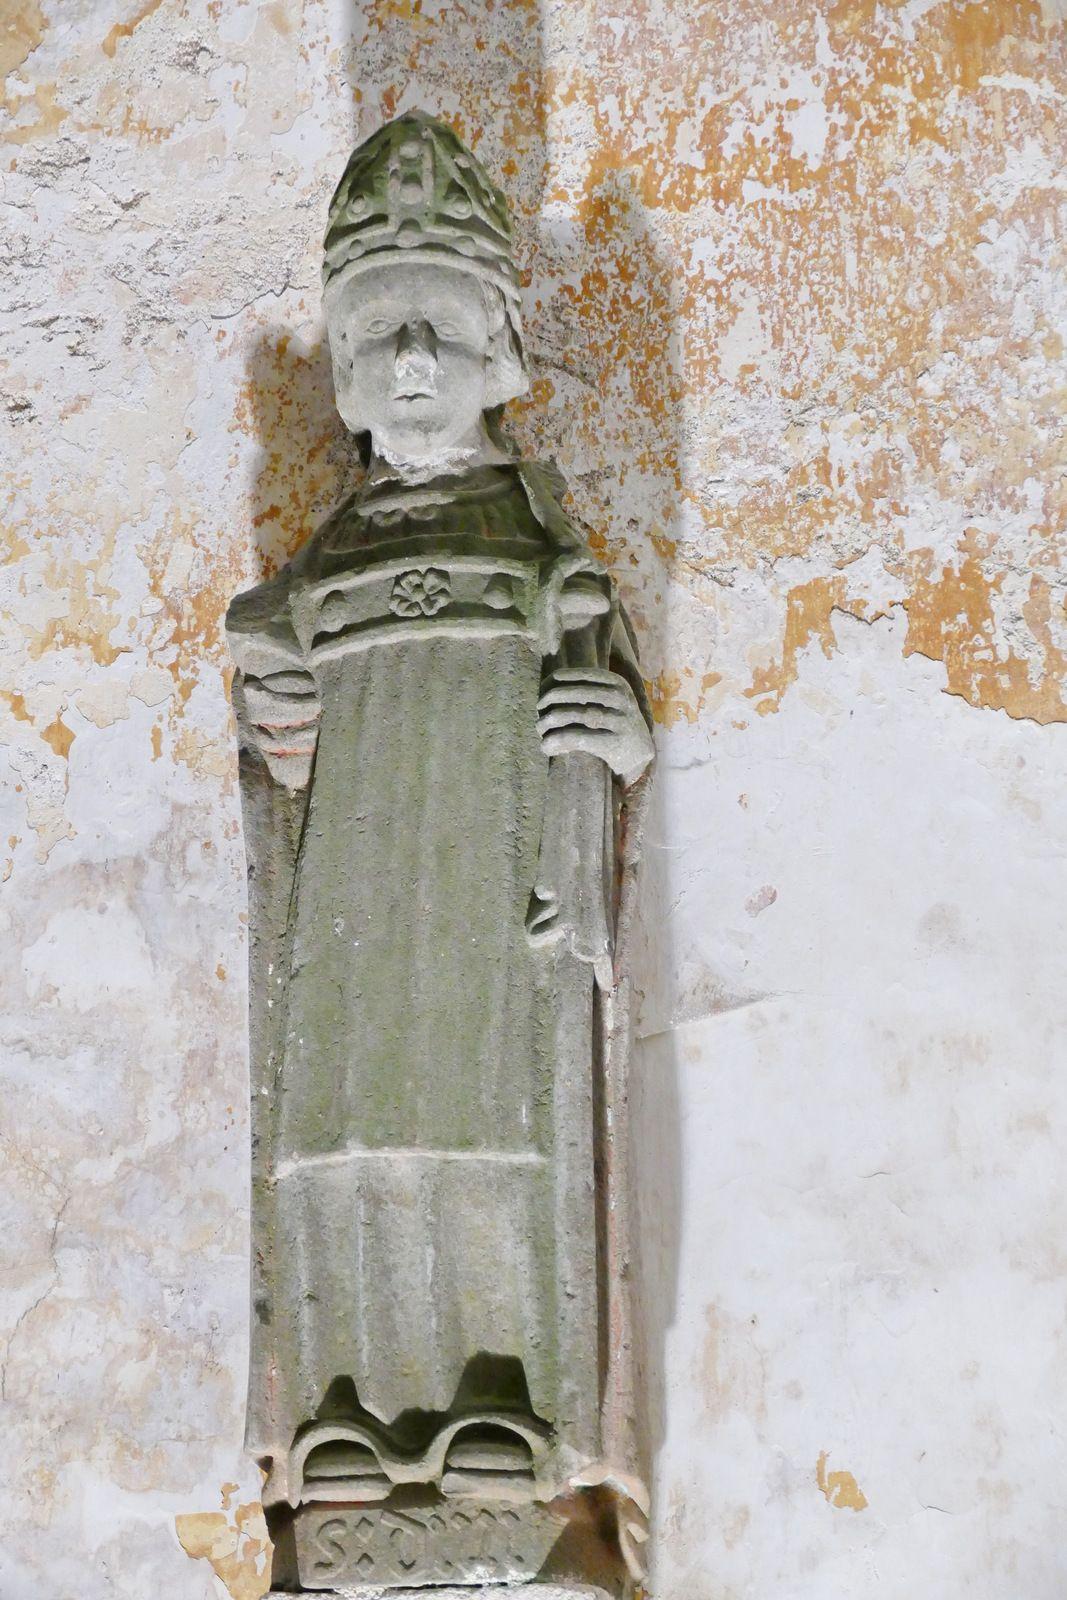 Les statues de la chapelle de Lambader en Plouvorn. Photographie lavieb-aile.